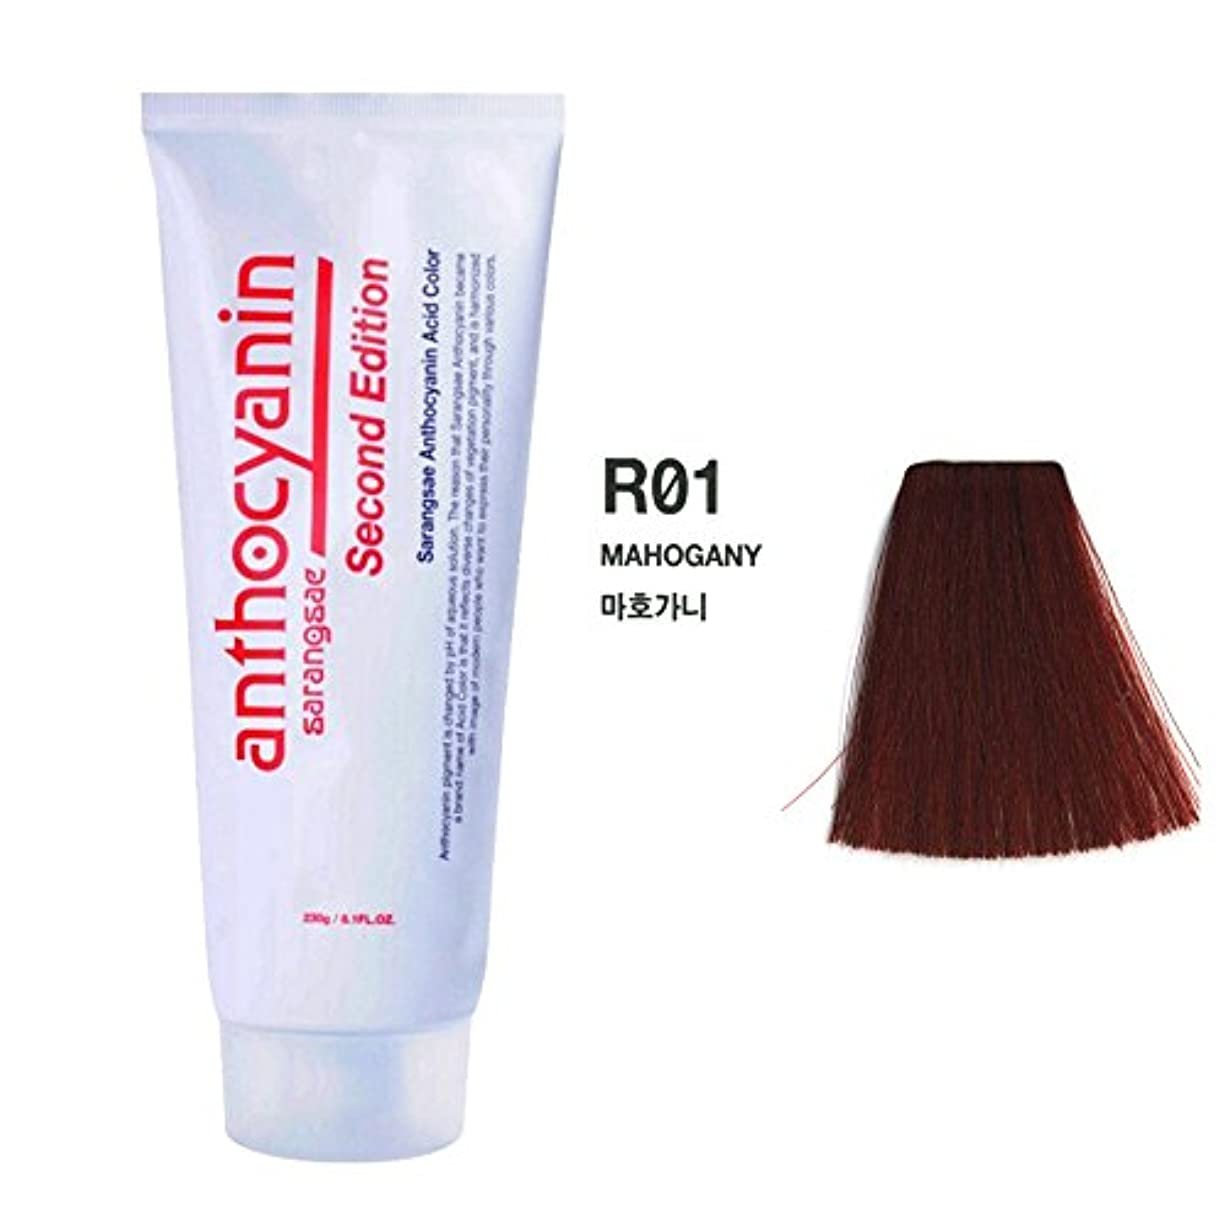 宣言石化する望ましいヘア マニキュア カラー セカンド エディション 230g セミ パーマネント 染毛剤 ( Hair Manicure Color Second Edition 230g Semi Permanent Hair Dye) [並行輸入品] (R01 Mahogany)